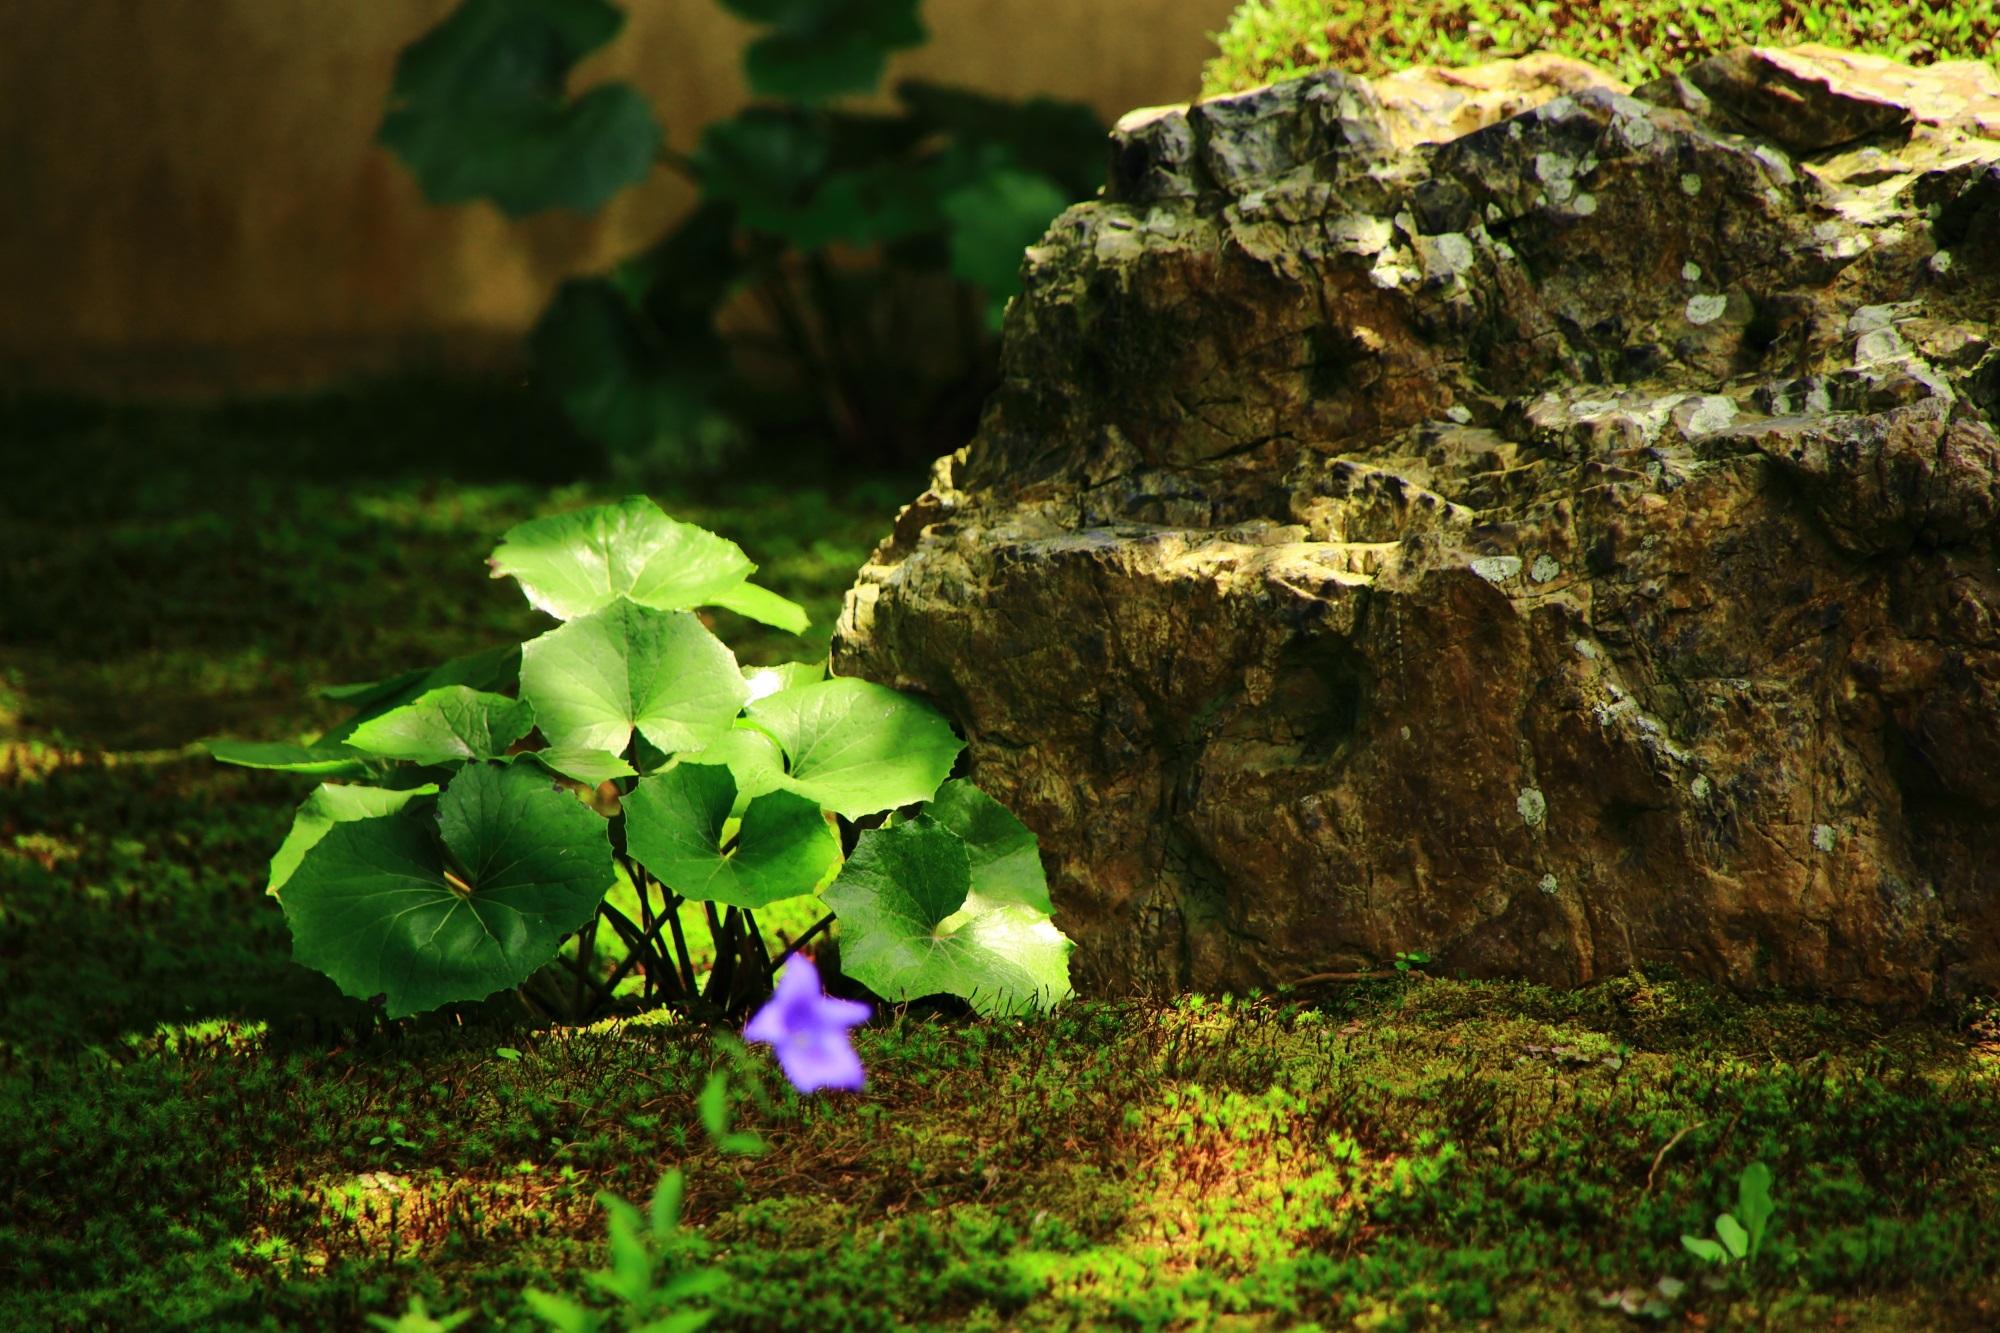 天得院の緑の庭園を演出する光と影